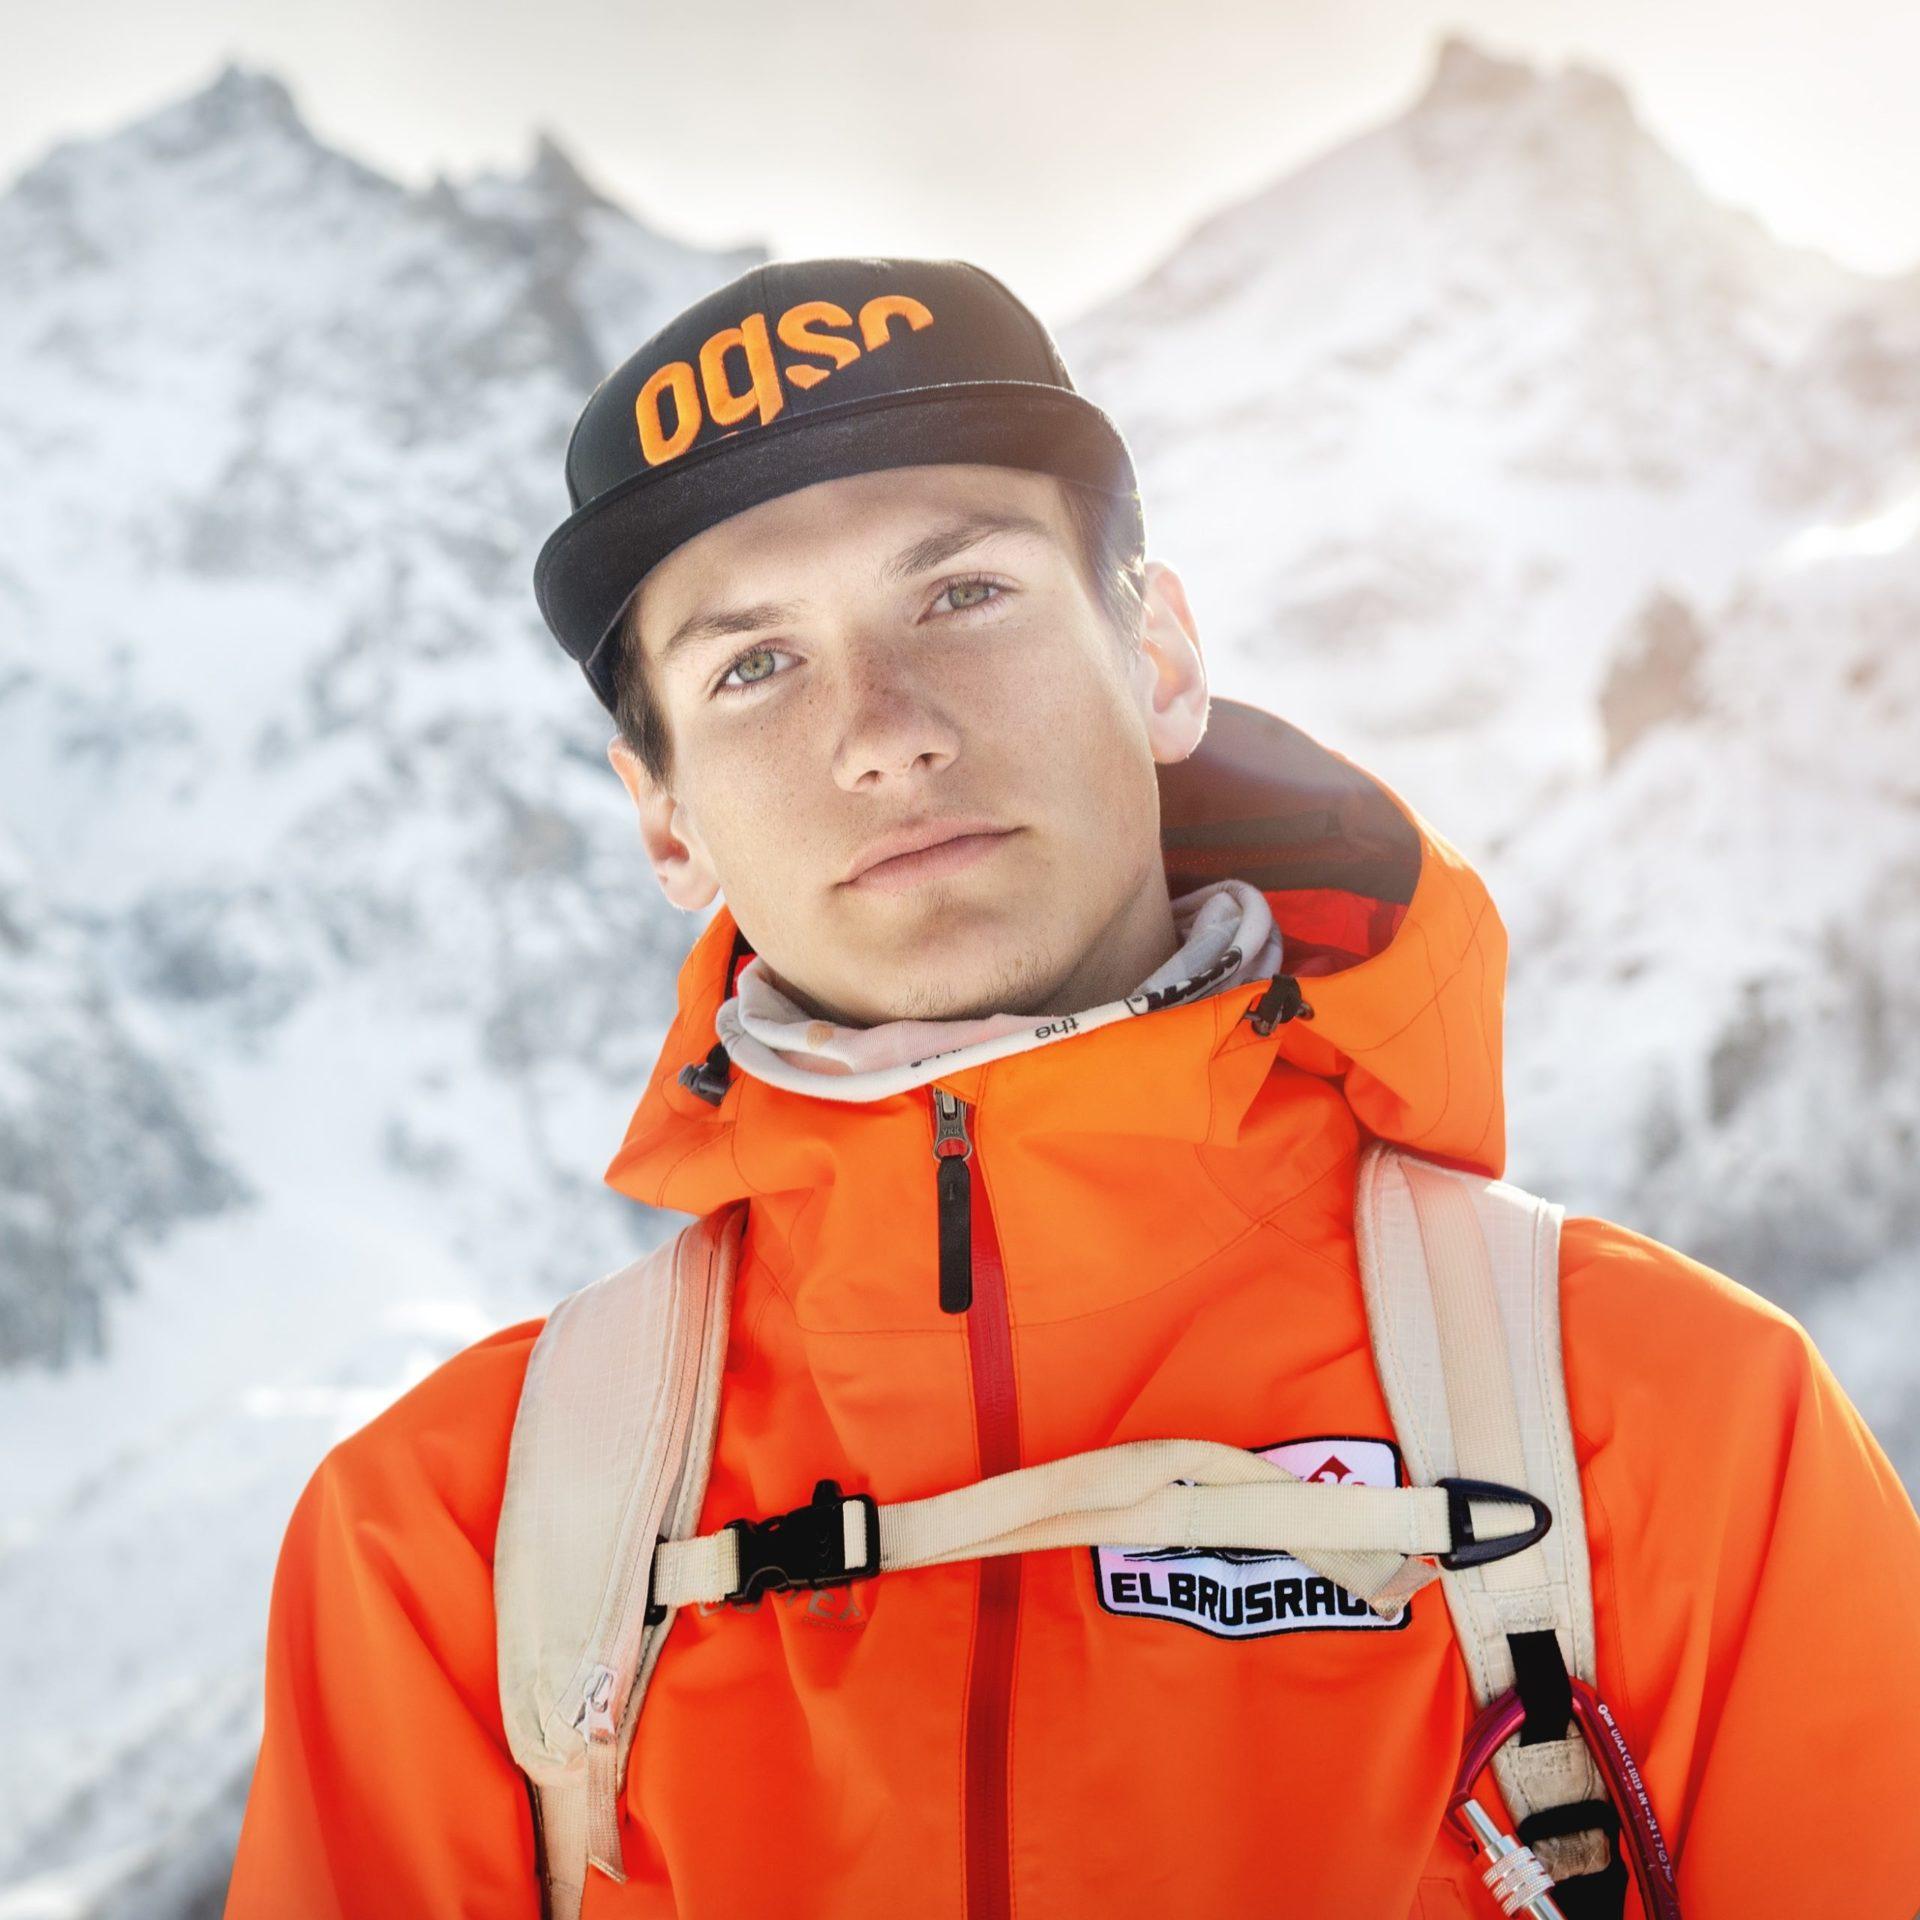 Alex Fakov